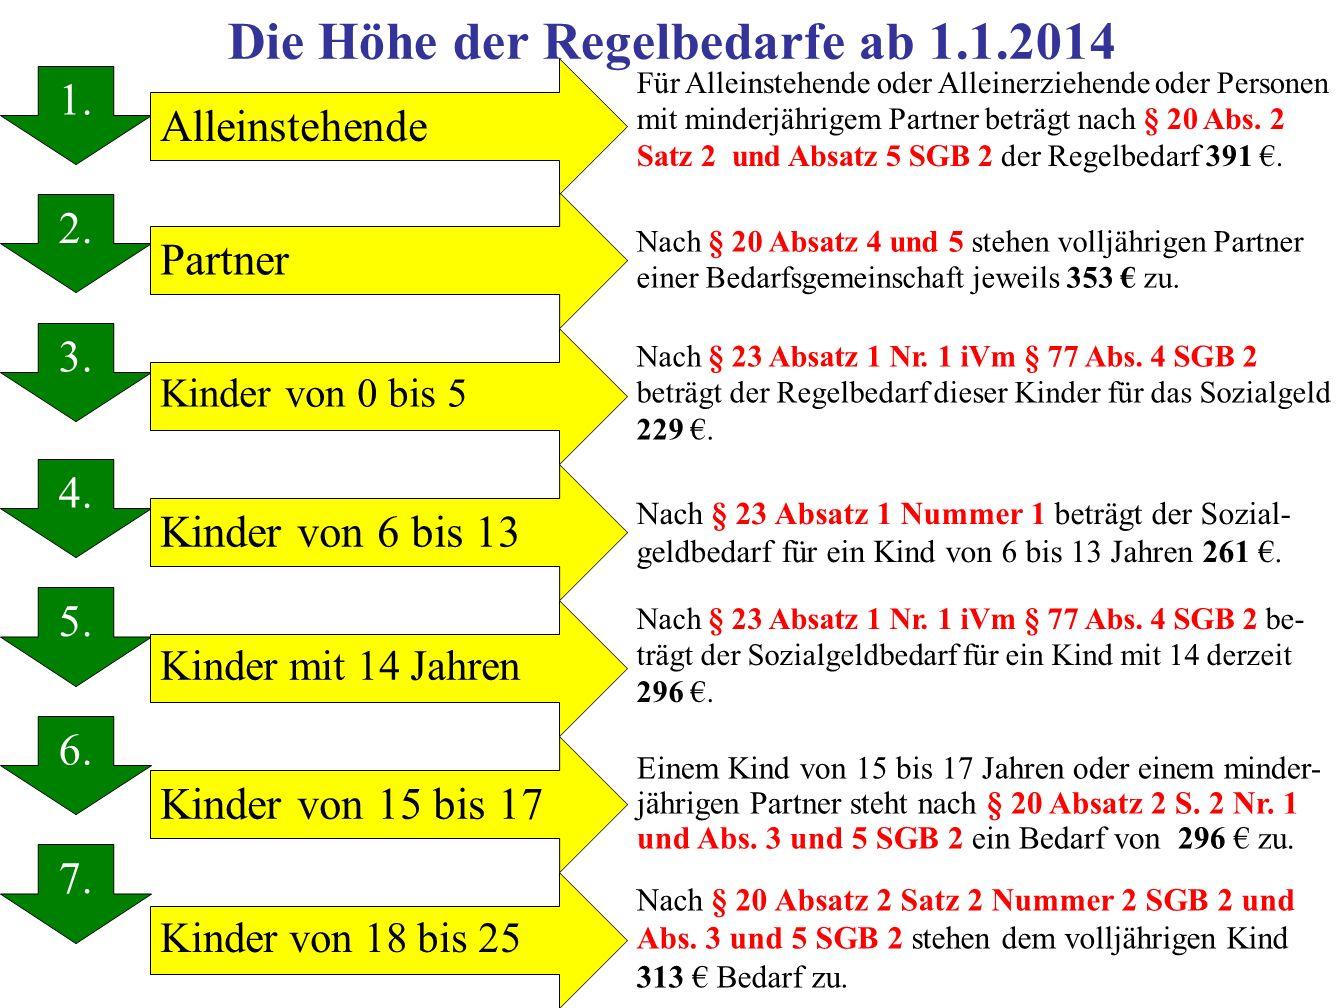 Die Höhe der Regelbedarfe ab 1.1.2014